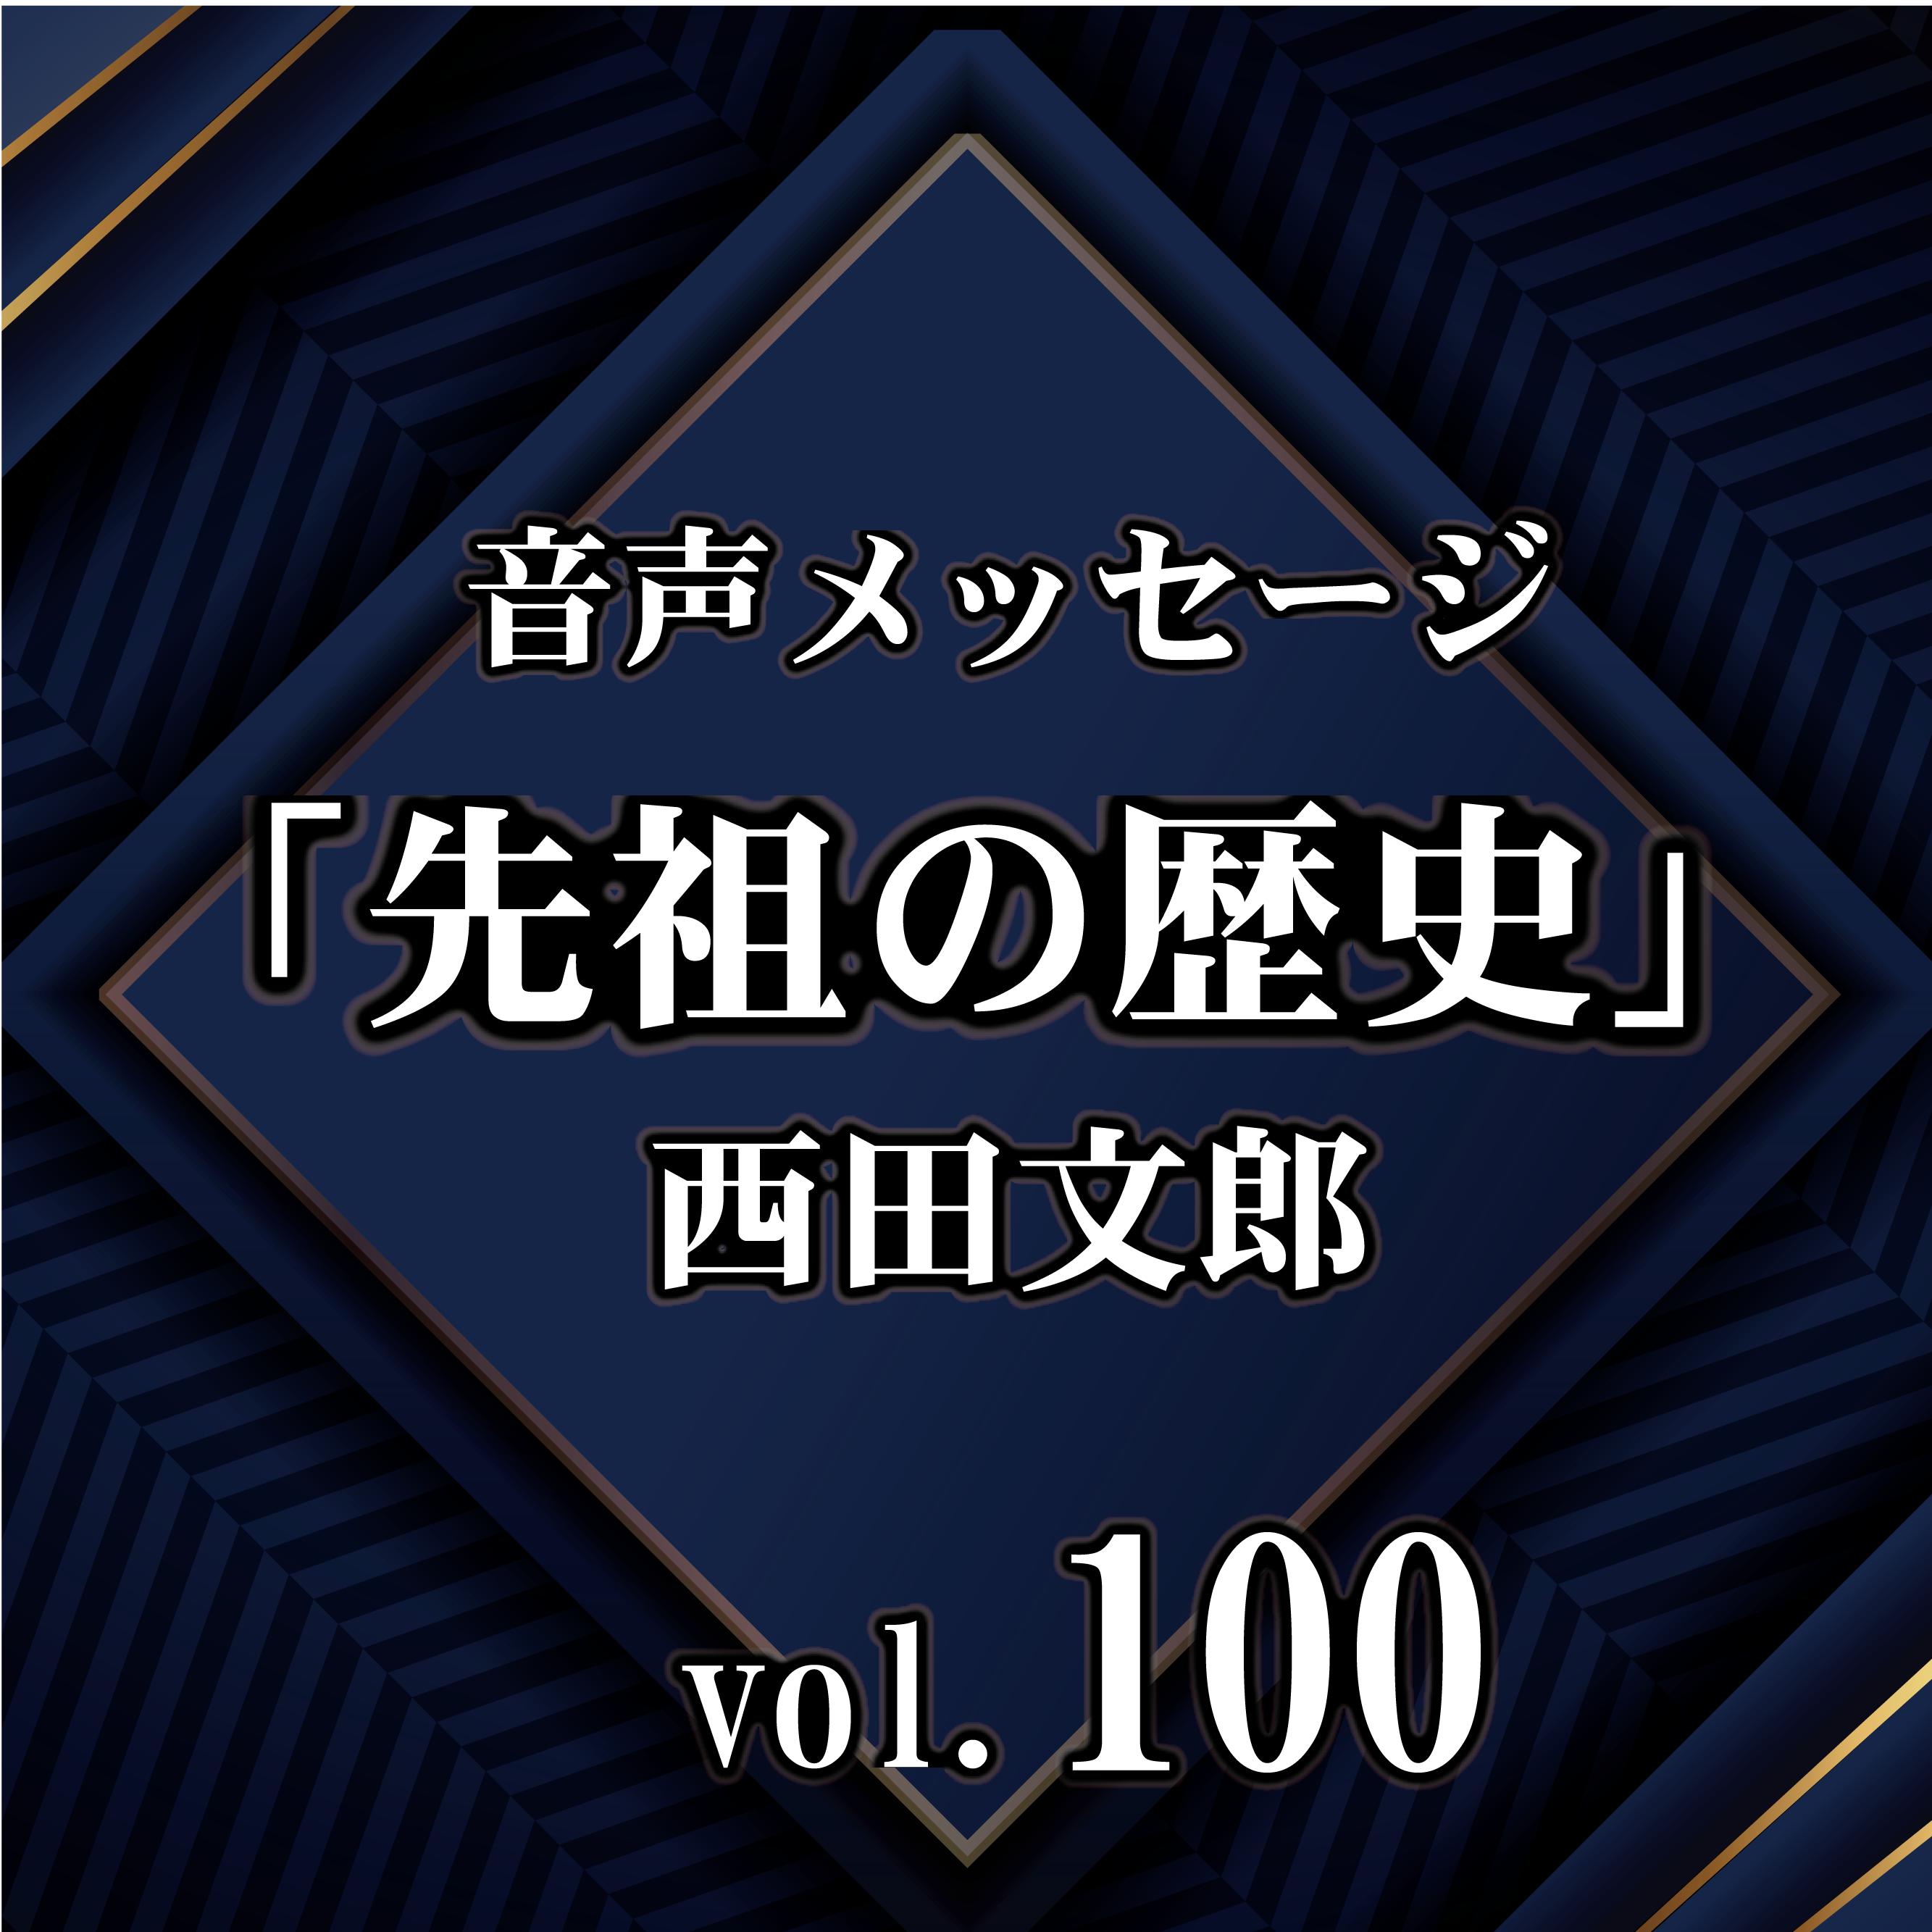 西田文郎 音声メッセージvol.100『先祖の歴史』